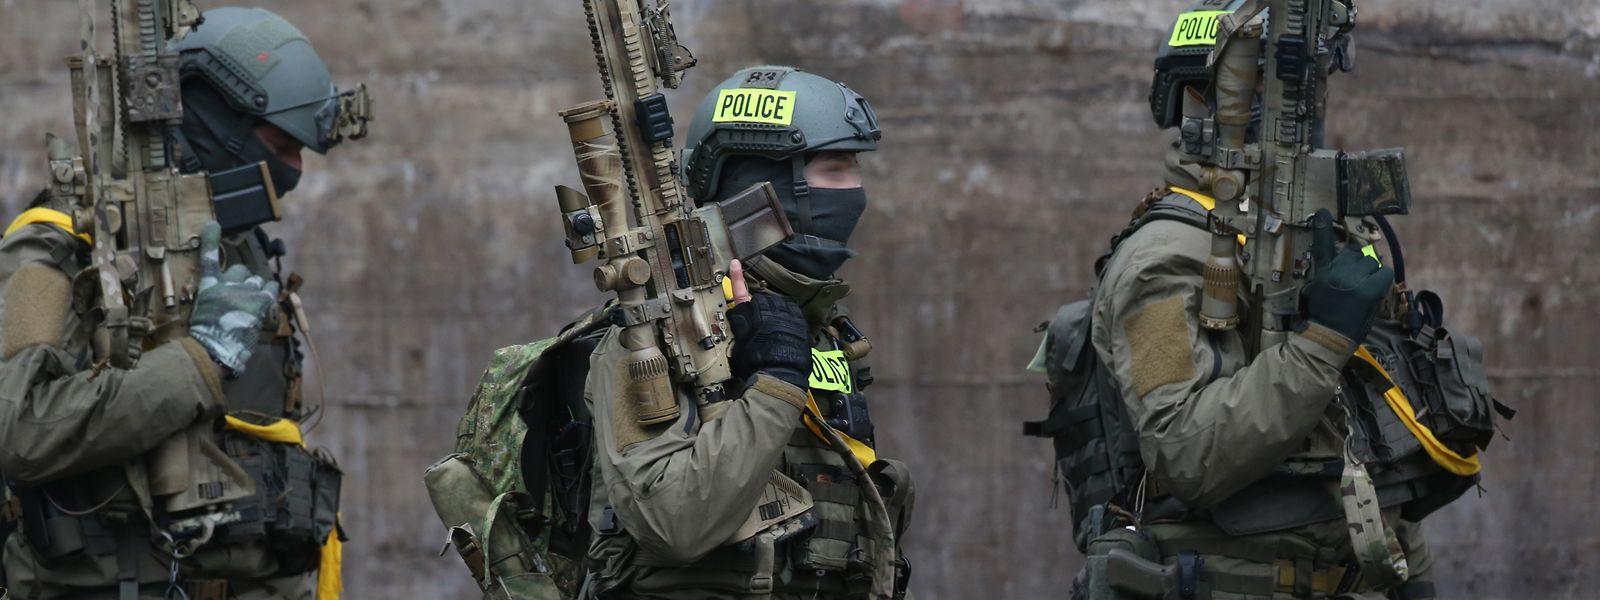 Die Ausbildung der Mitglieder der Polizeispezialeinheit USP ist sehr anspruchsvoll. 2015 soll es allerdings zu nicht akzeptablen Gewaltübergriffen und Erniedrigungen gekommen sein.